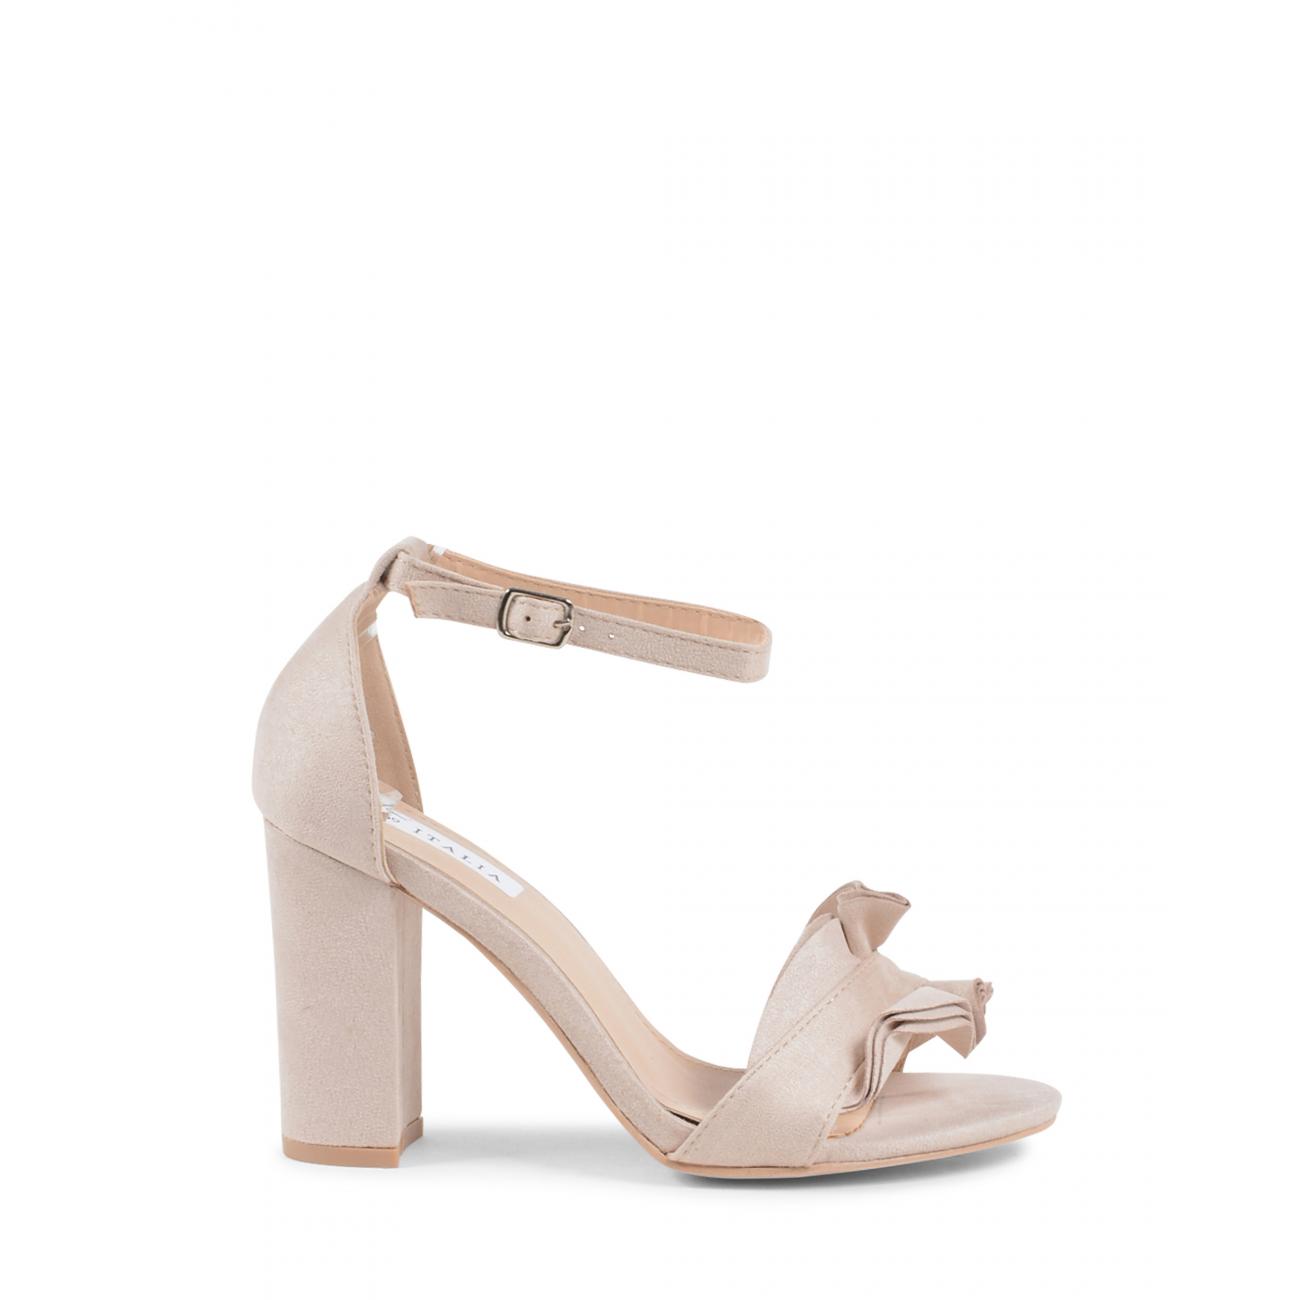 19V69 Italia Women's Ankle Strap Sandal Beige V162 BEIGE